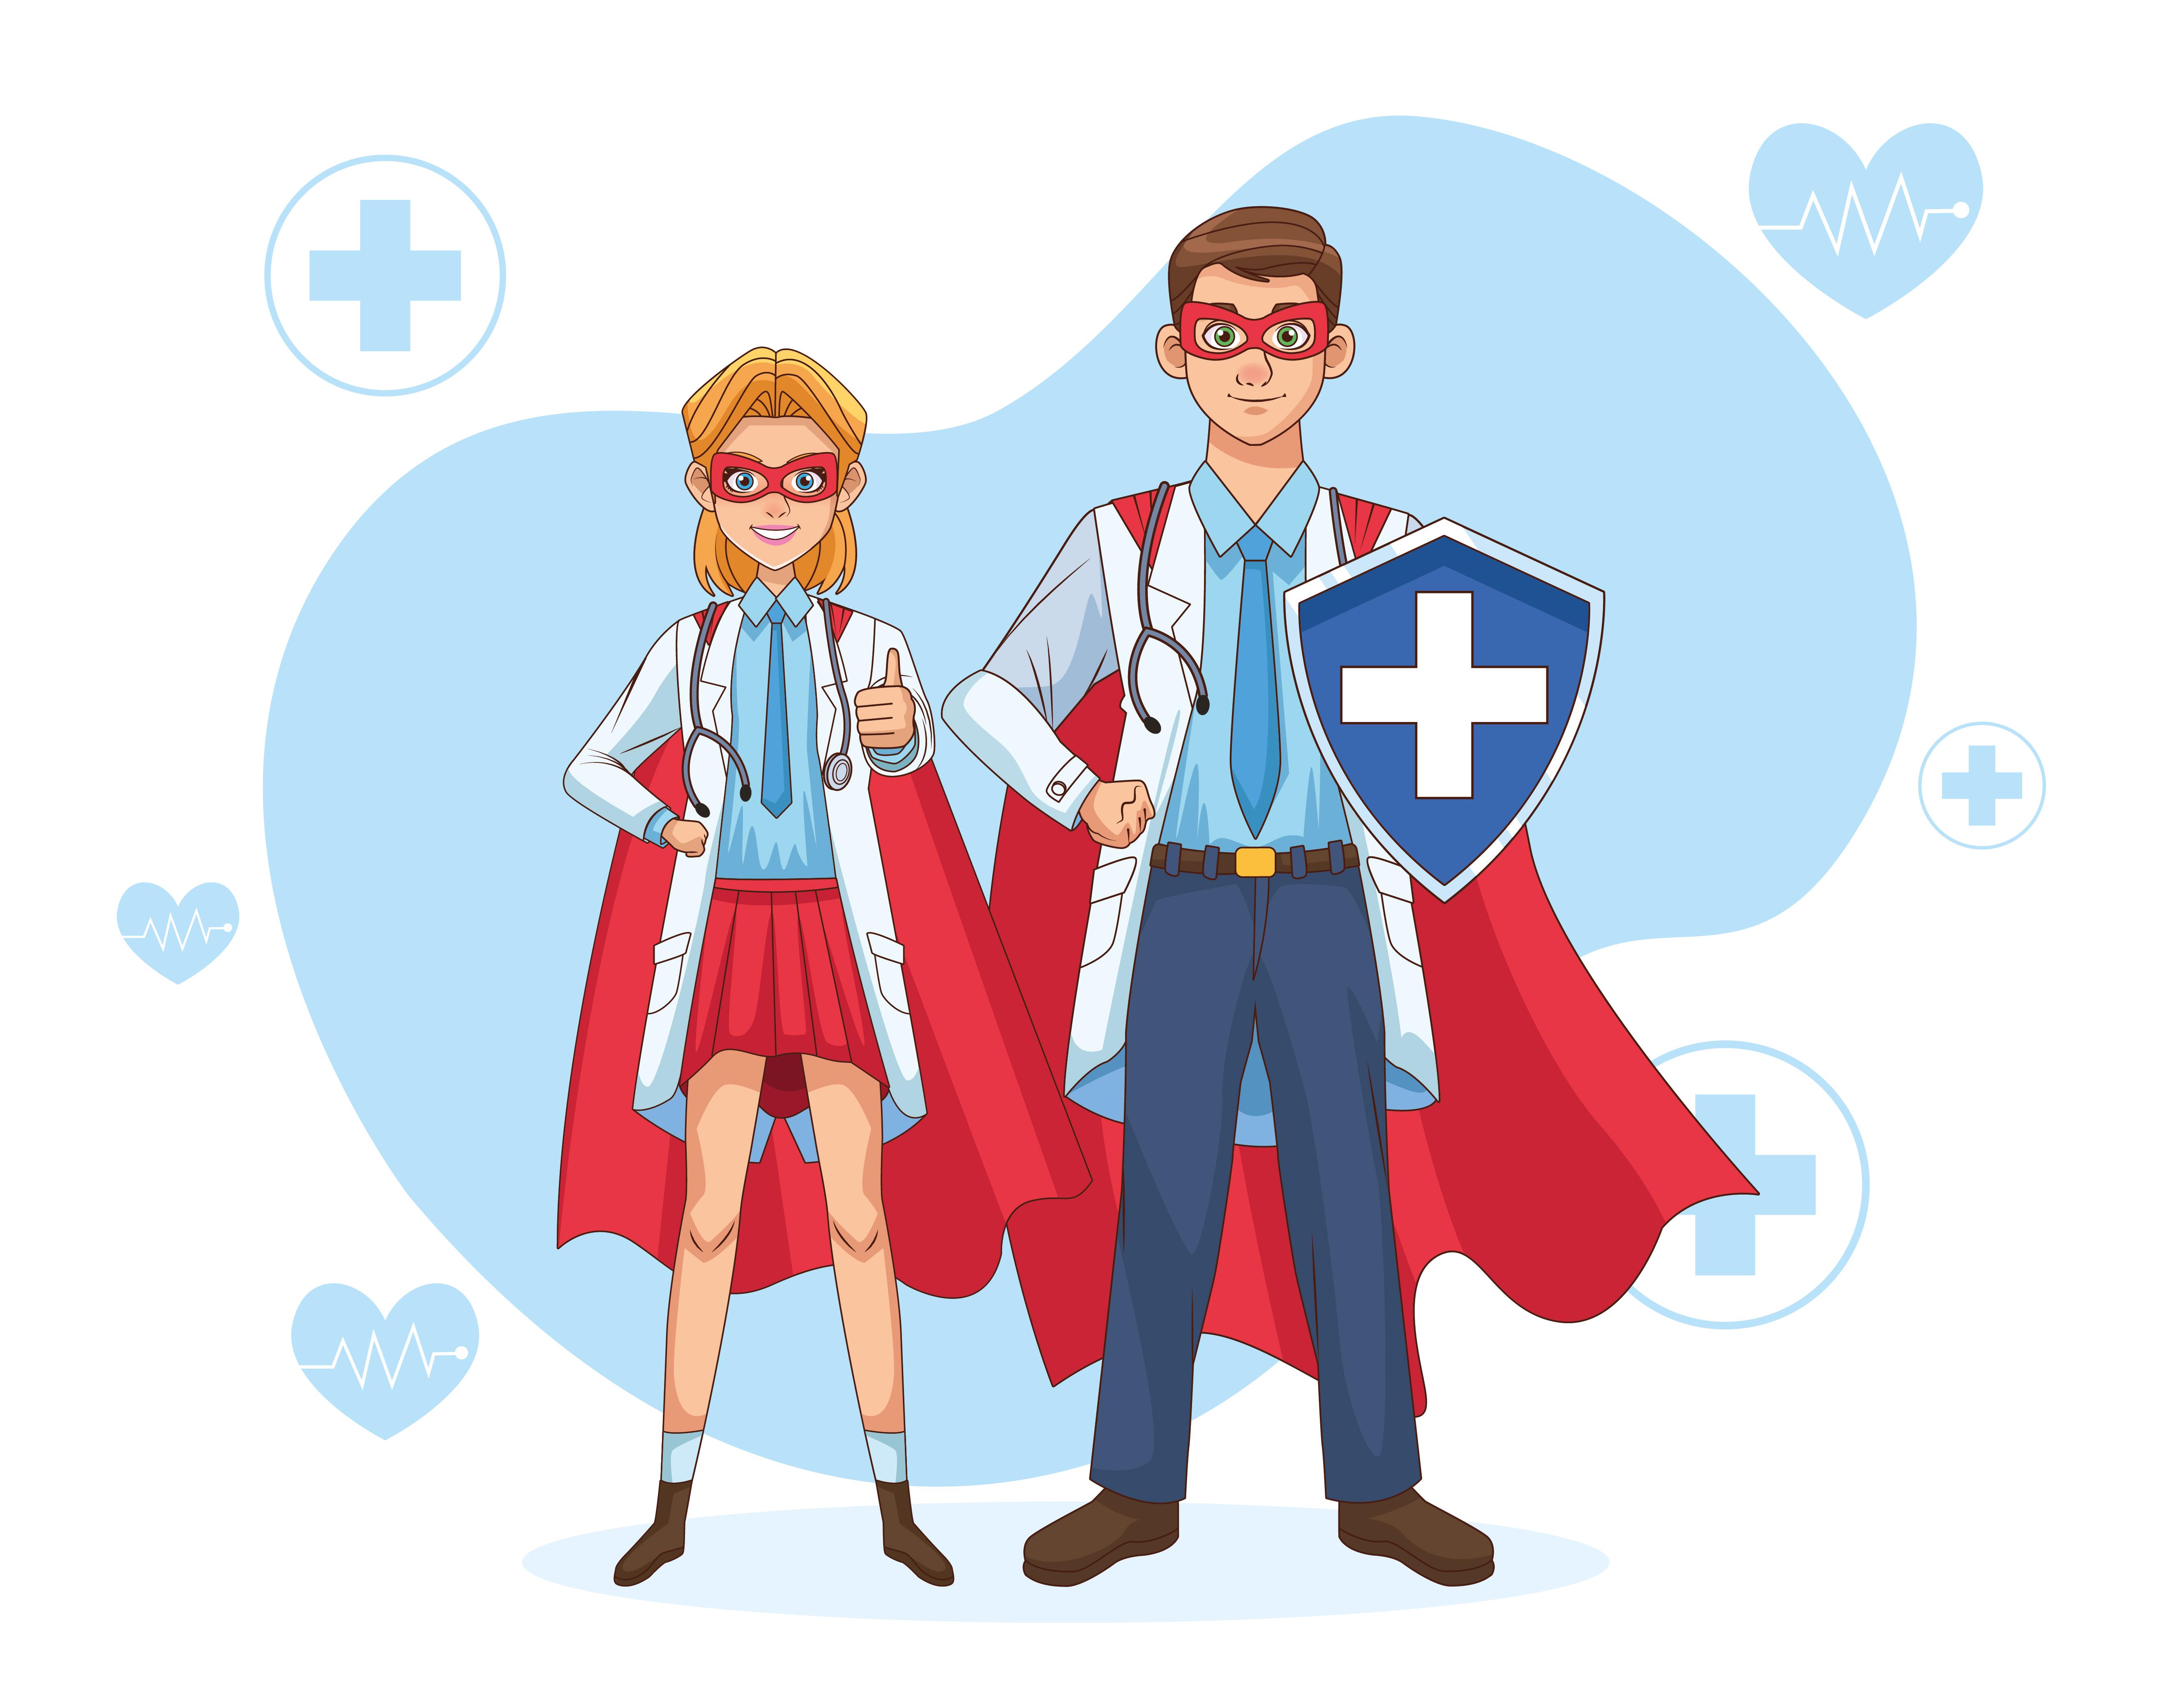 pareja de súper médicos con capa de héroe y escudo